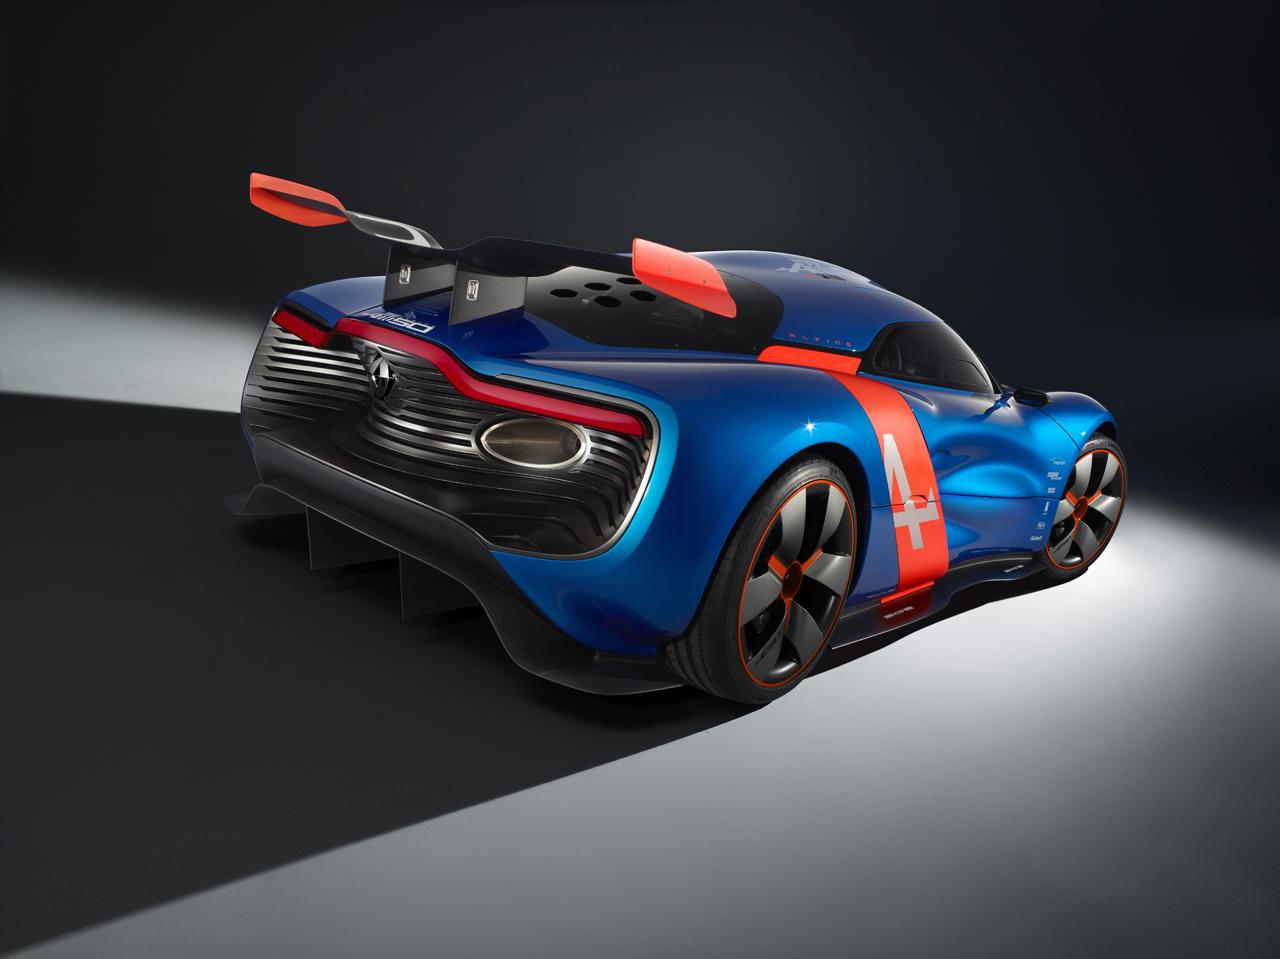 http://1.bp.blogspot.com/-qAaz7x25j3Y/T8cezJ3PFAI/AAAAAAAADnU/fdH3orr-f5c/s1600/Renault+Alpine+A110-50+supercar+sports+cars+%252816%2529.jpg